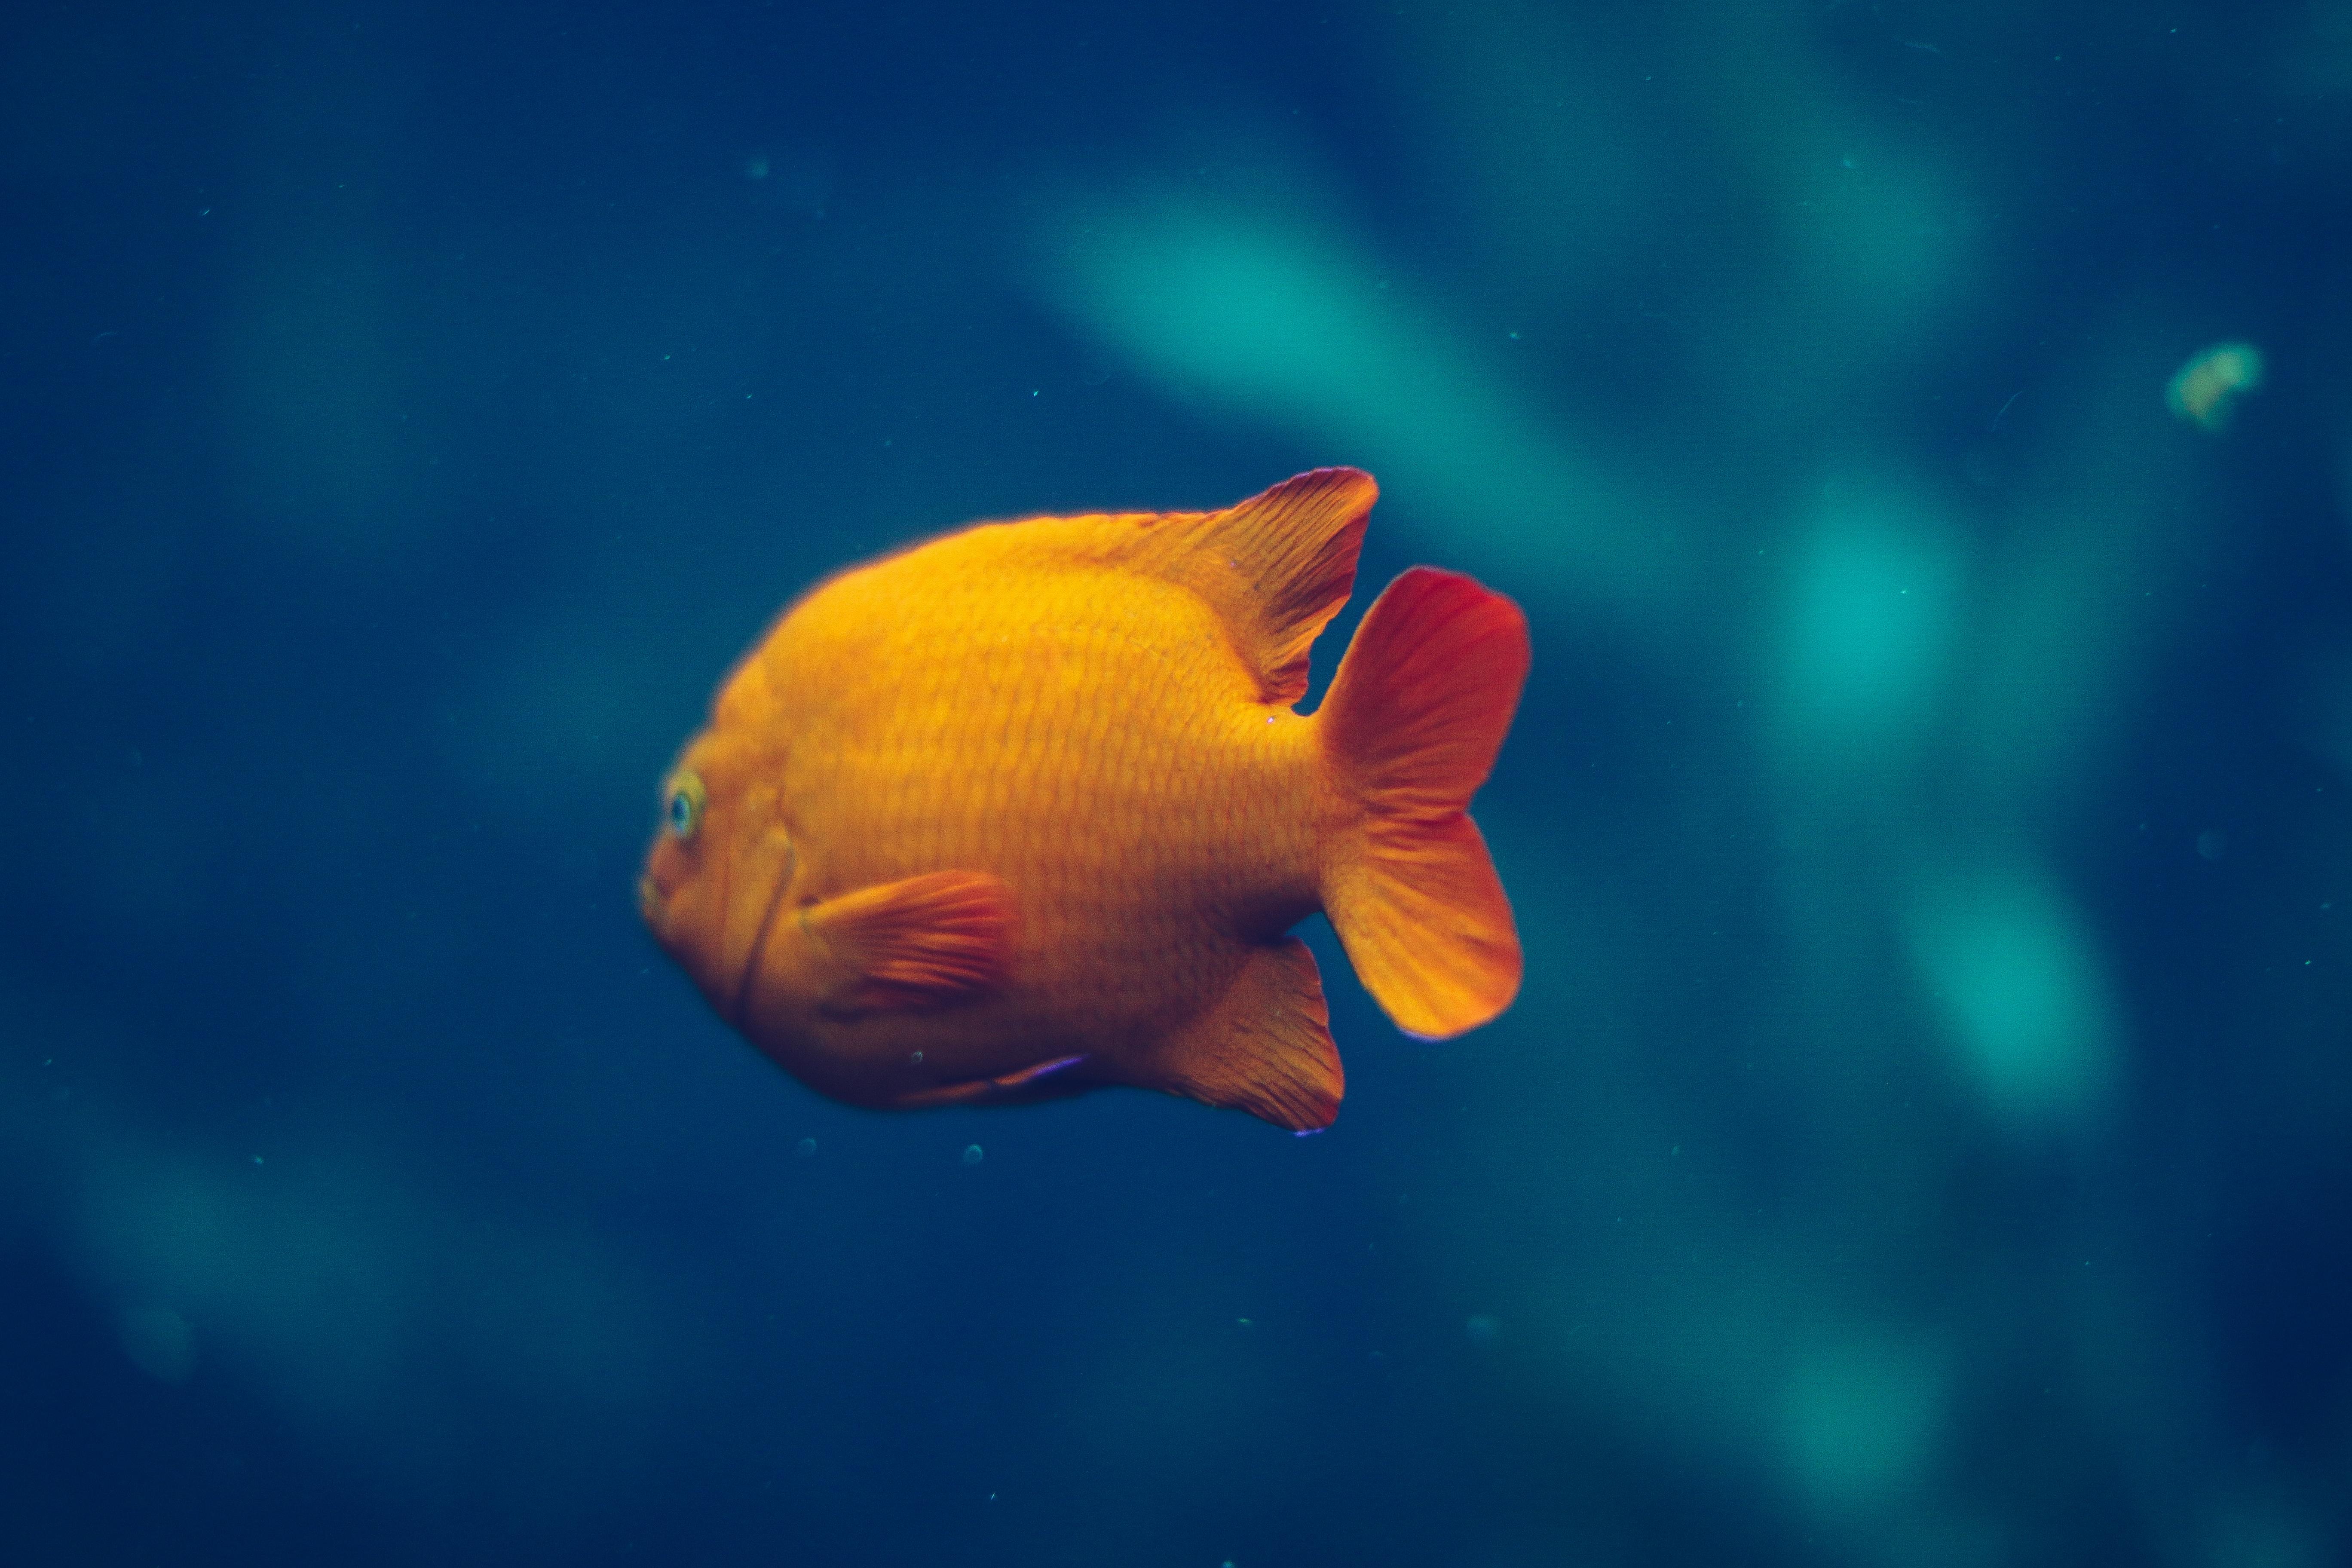 Free Images Underwater Aquarium Goldfish Marine